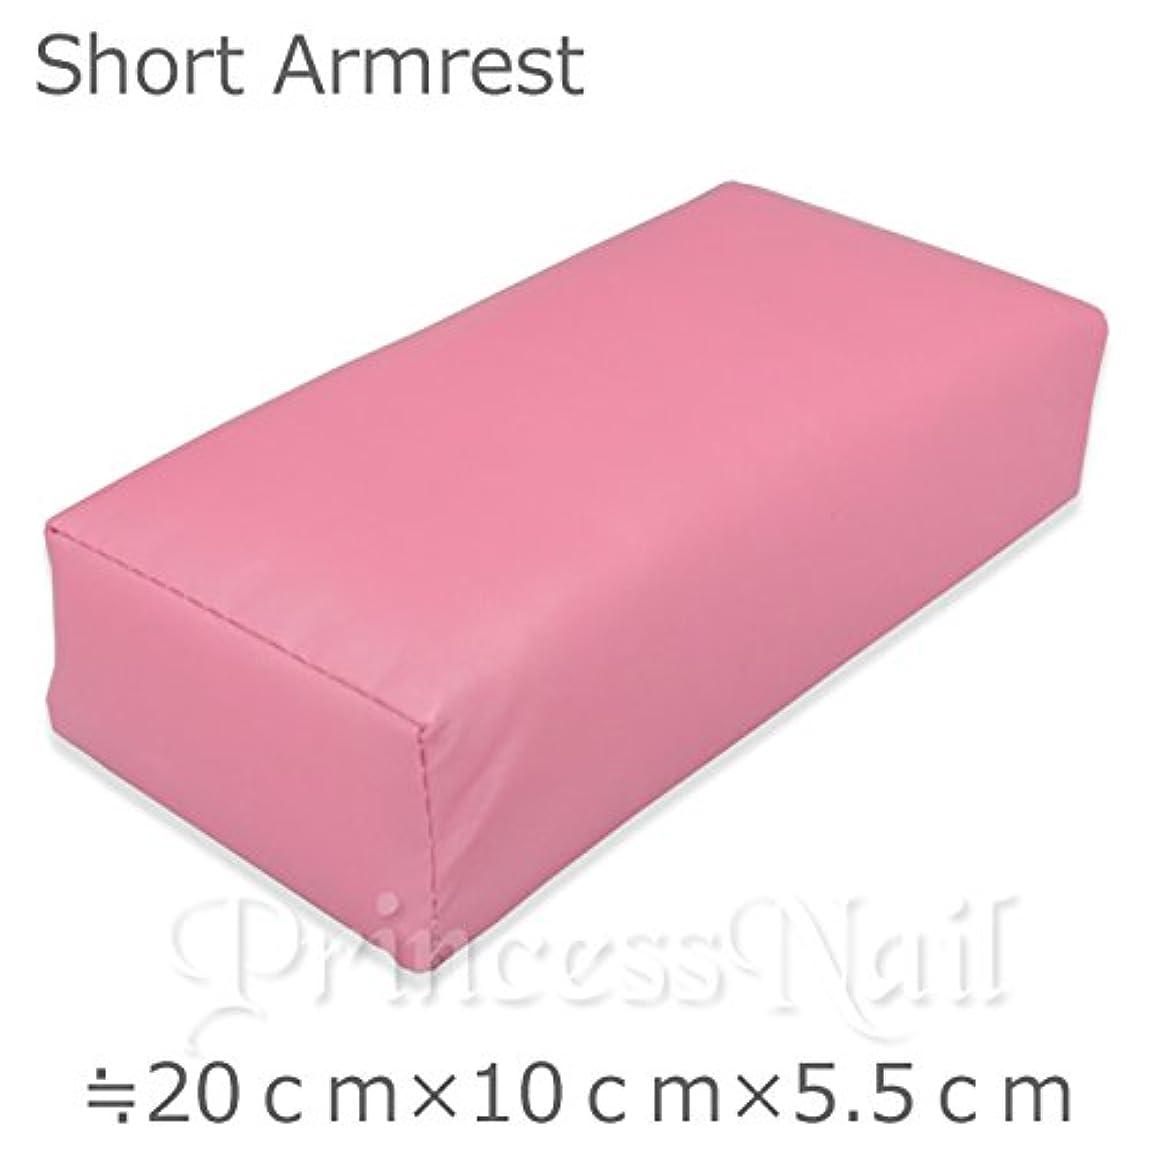 統治可能円形の不実ネイルケア用アームレスト ショートタイプ Color:Pink size:D10cm×W20cm×H5.5cm